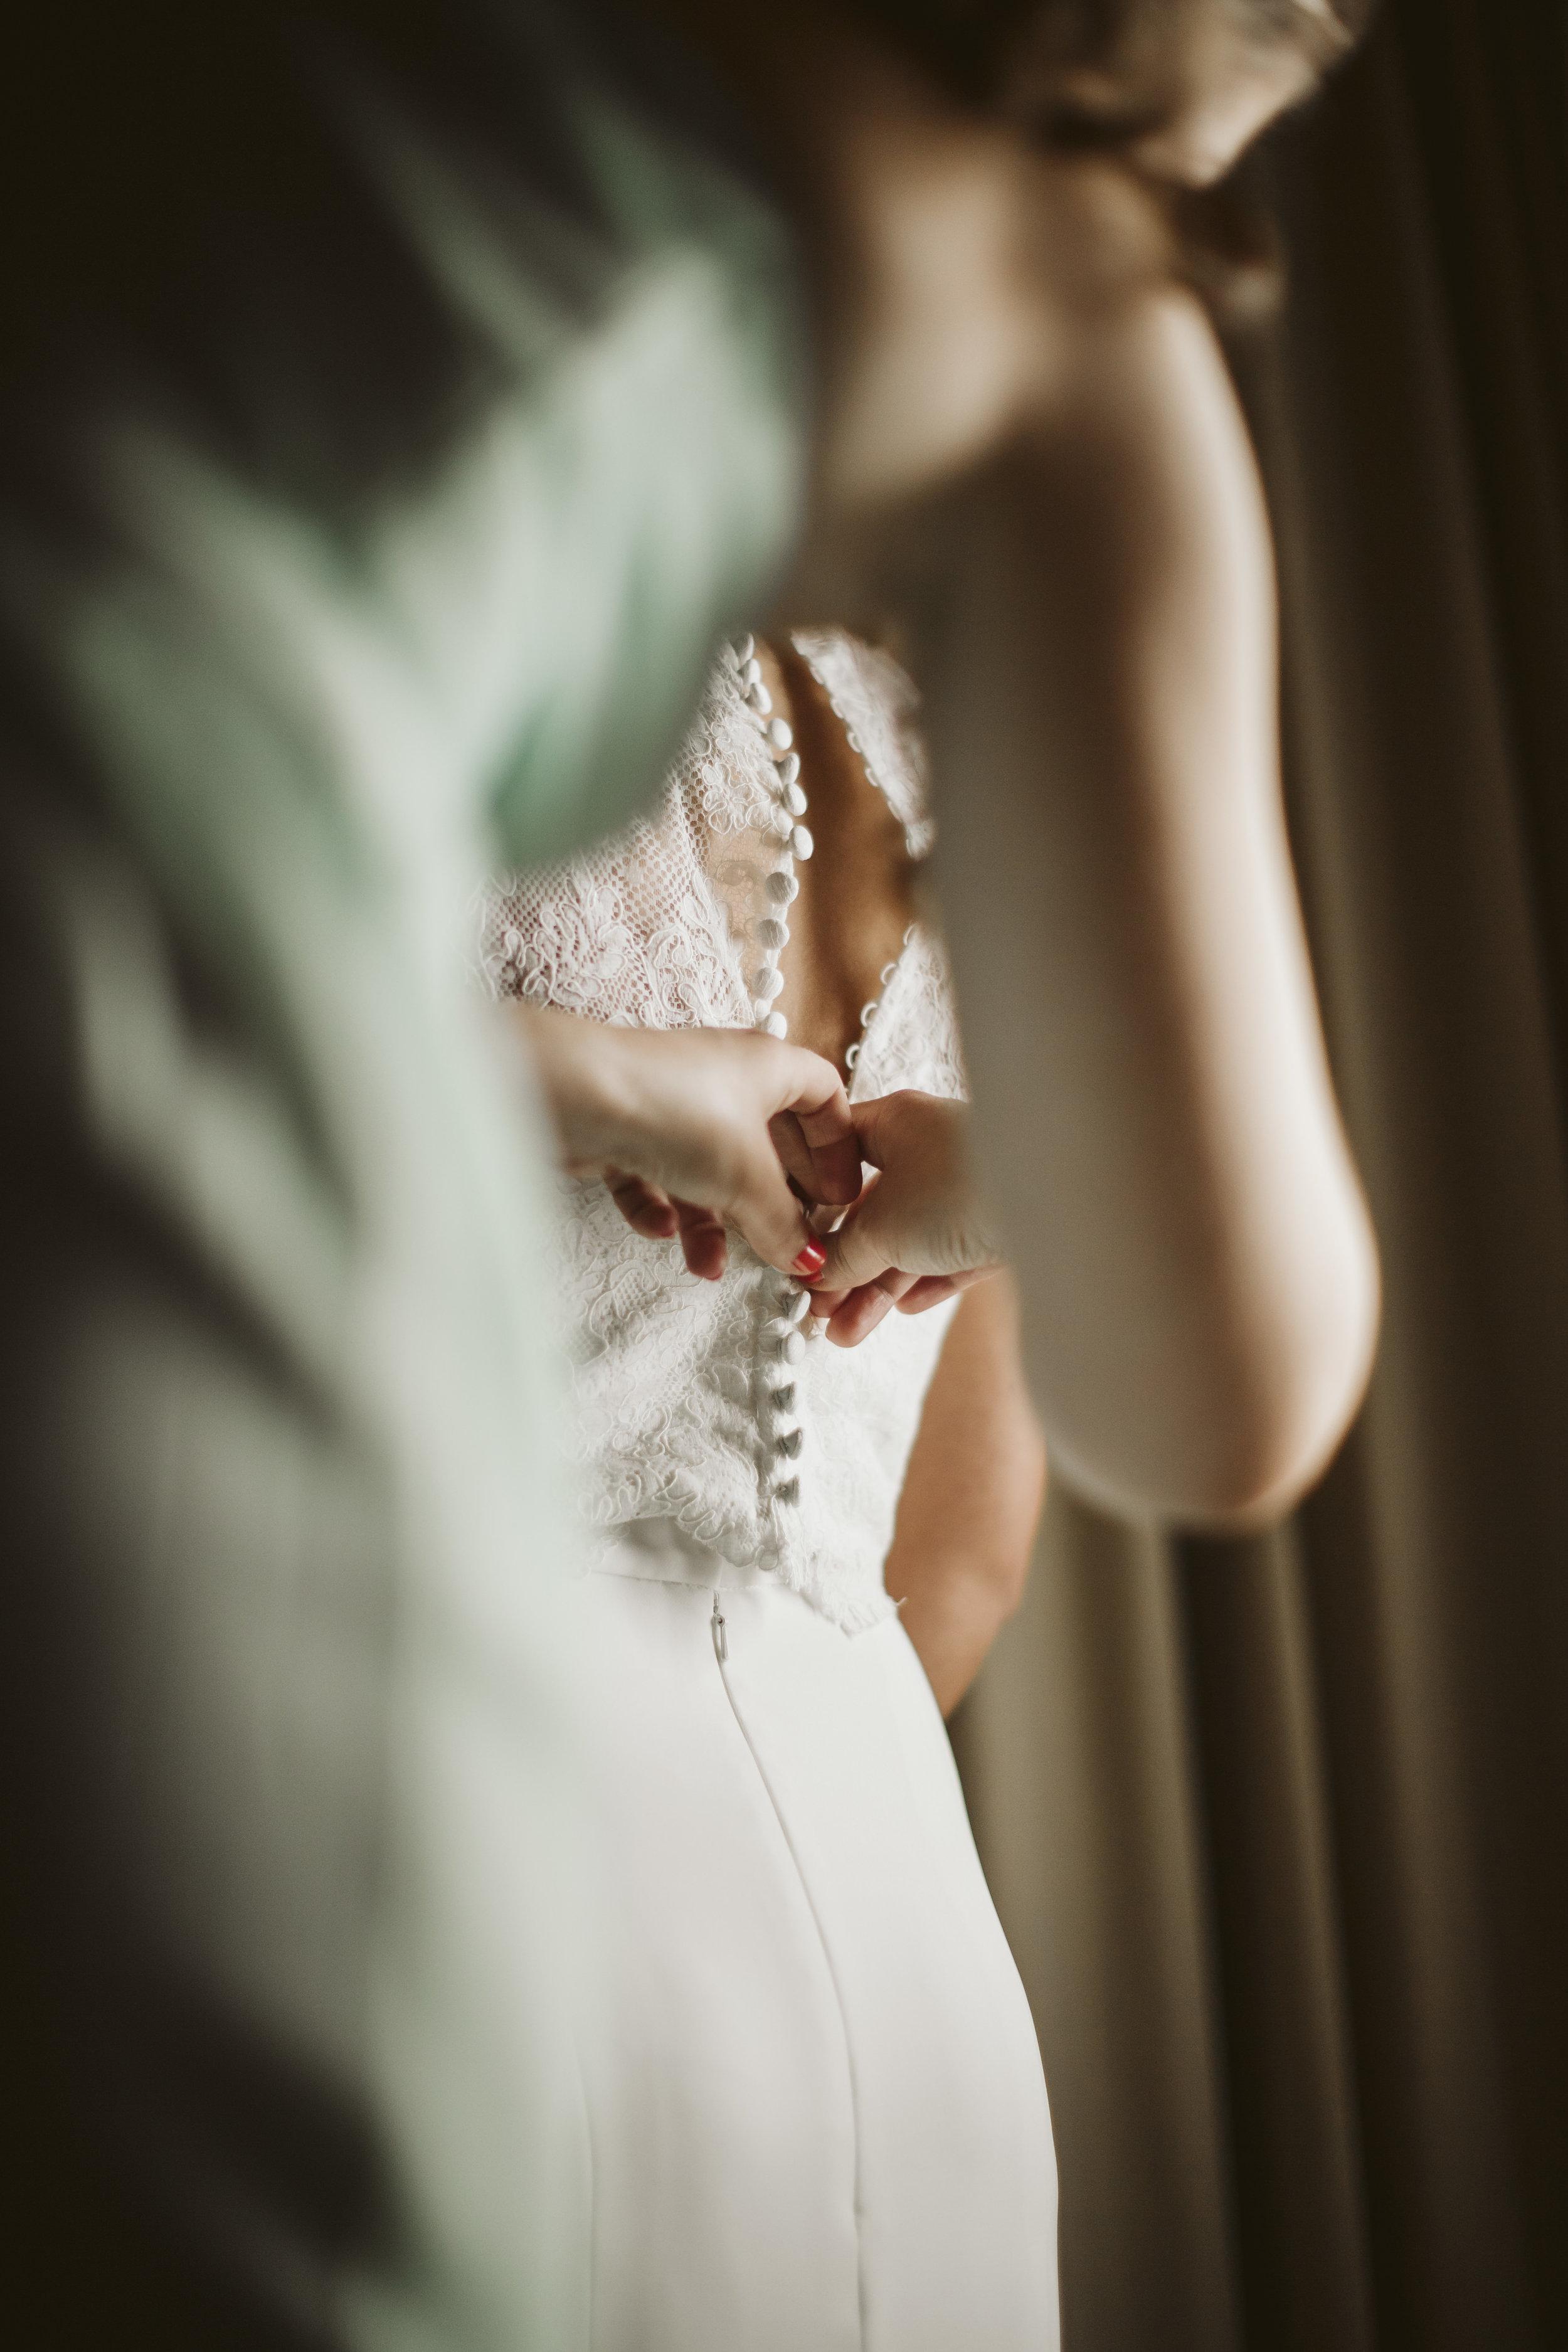 _MG_9988vildphotography-photography-wedding-weddingphotography-tahoewedding-tahoeweddingphotographer-adventurewedding-jake-amy.jpg